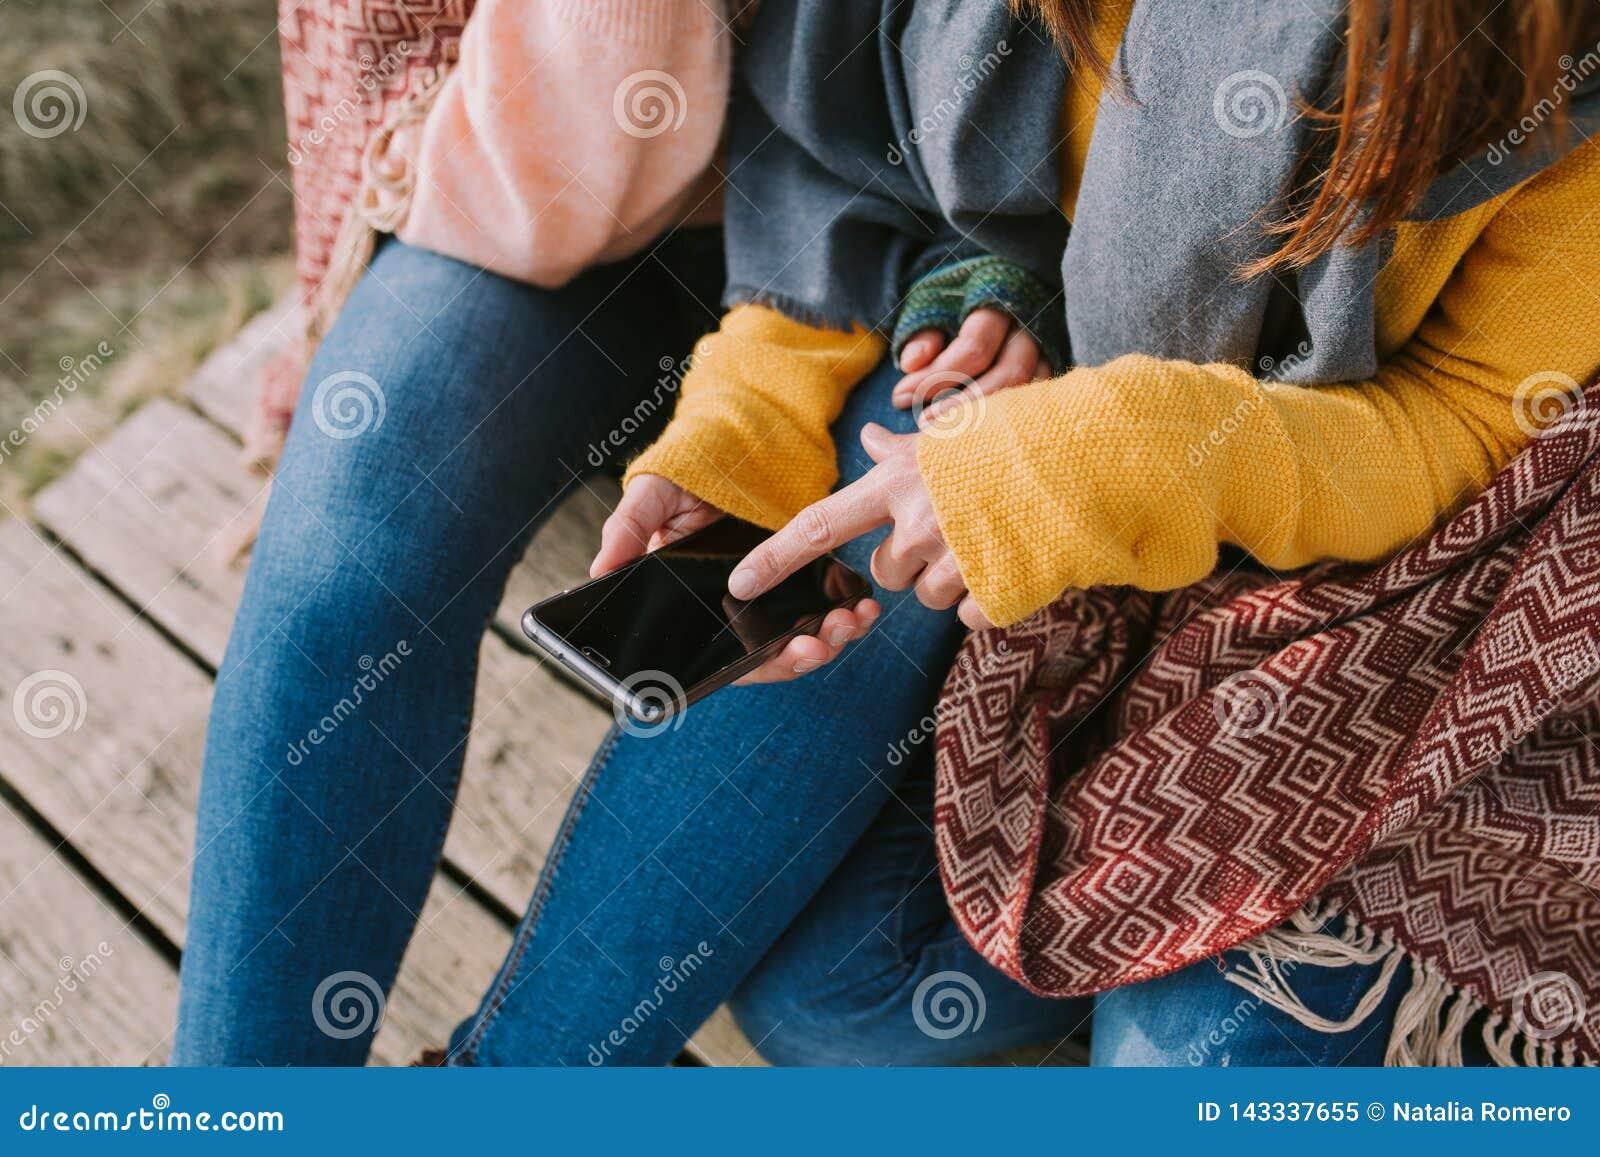 Vänner söker information på mobilen som de har i deras händer